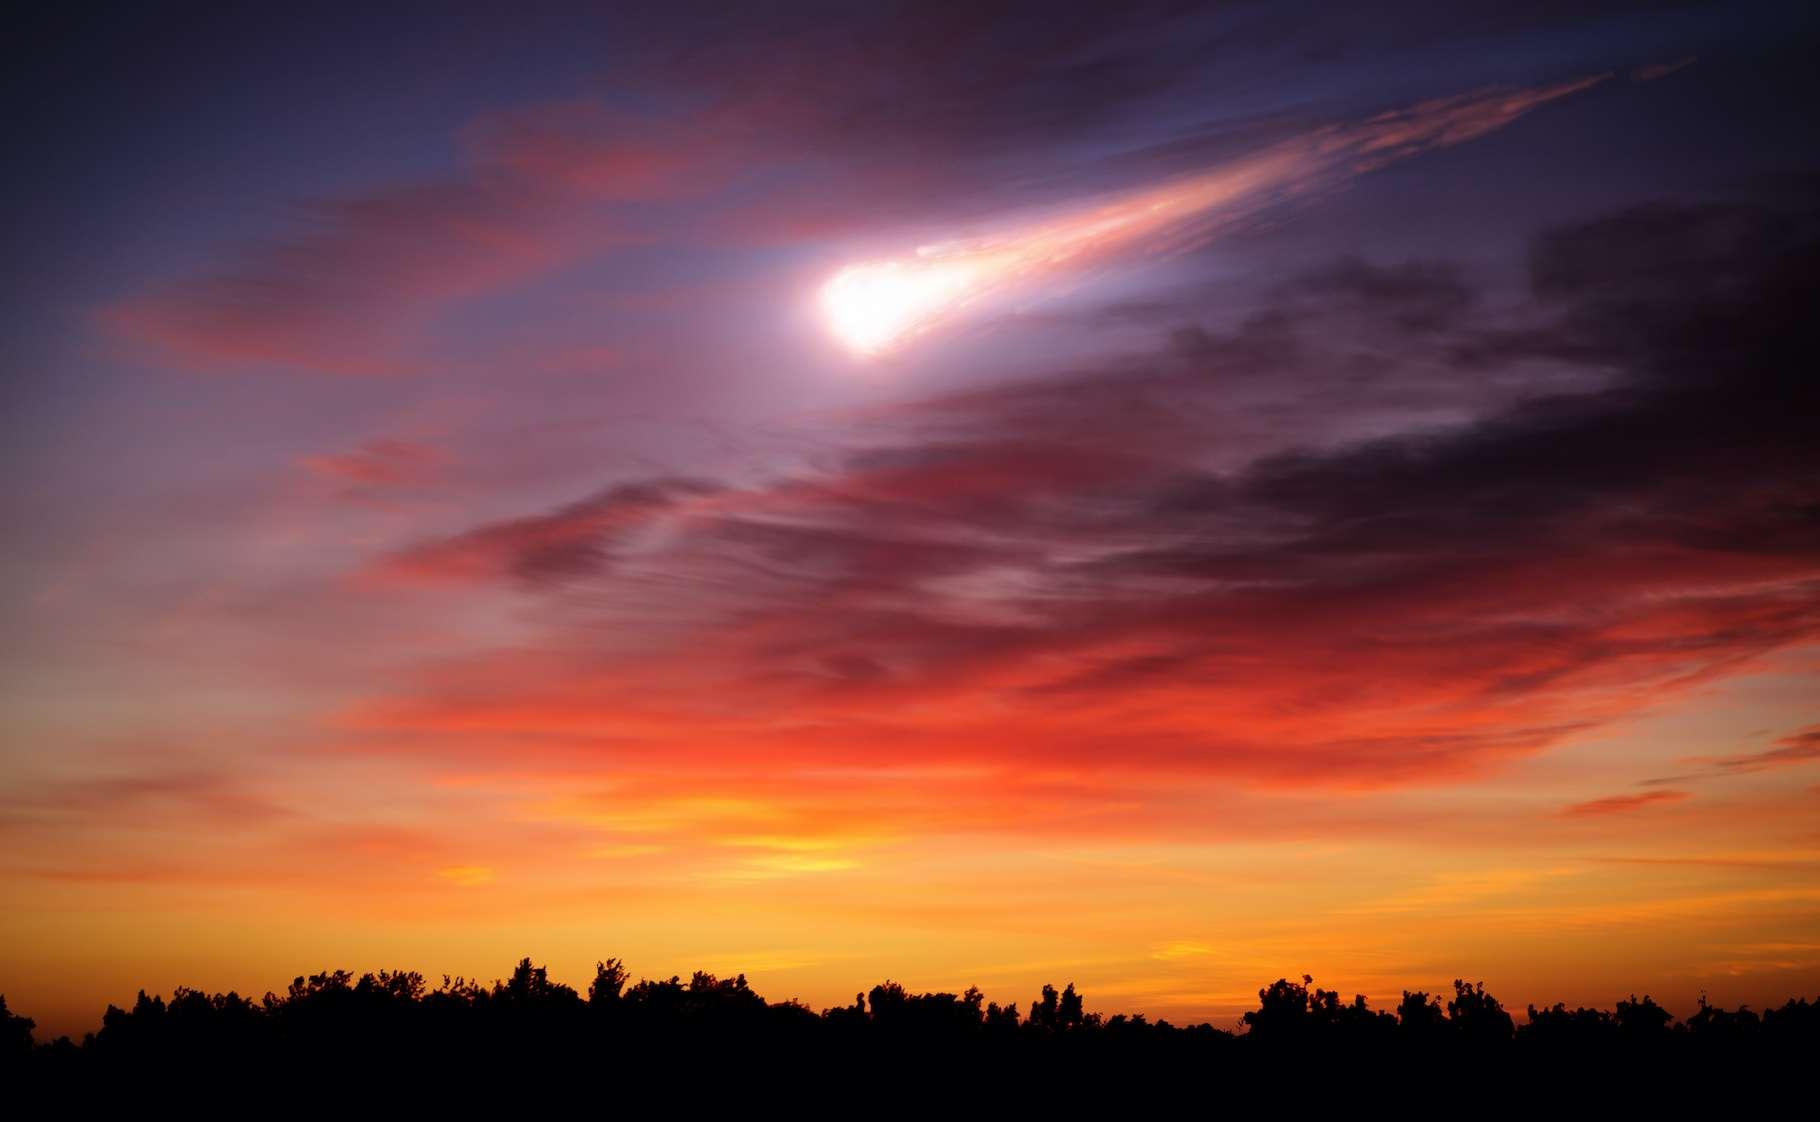 Une boule de feu a traversé le ciel australien en ce début de semaine. Les astronomes penchent pour un phénomène naturel. © Tryfonov, Adobe Stock